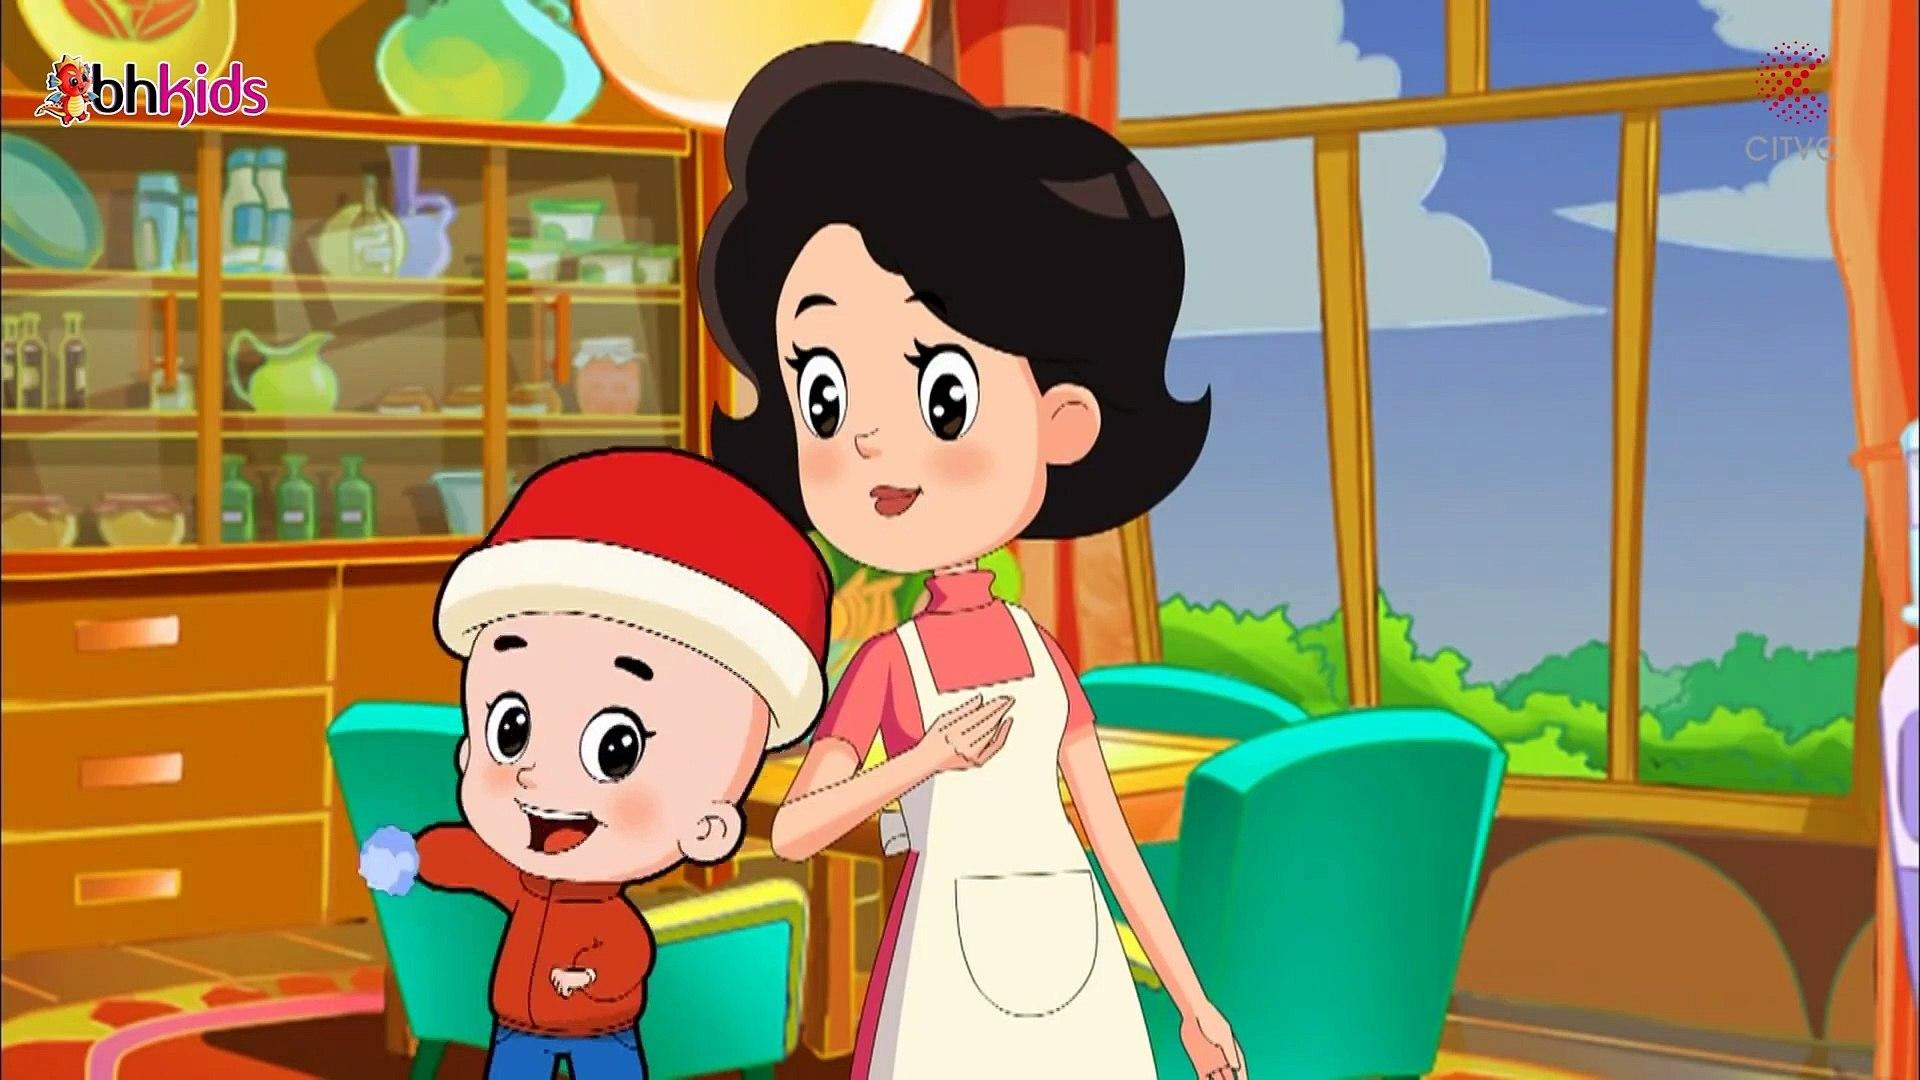 Phim hoạt hình thiếu nhi ý nghĩa nhất 2019 -gia đình đầu to đầu nhỏ- Mẹ thiên vị (tập 2)